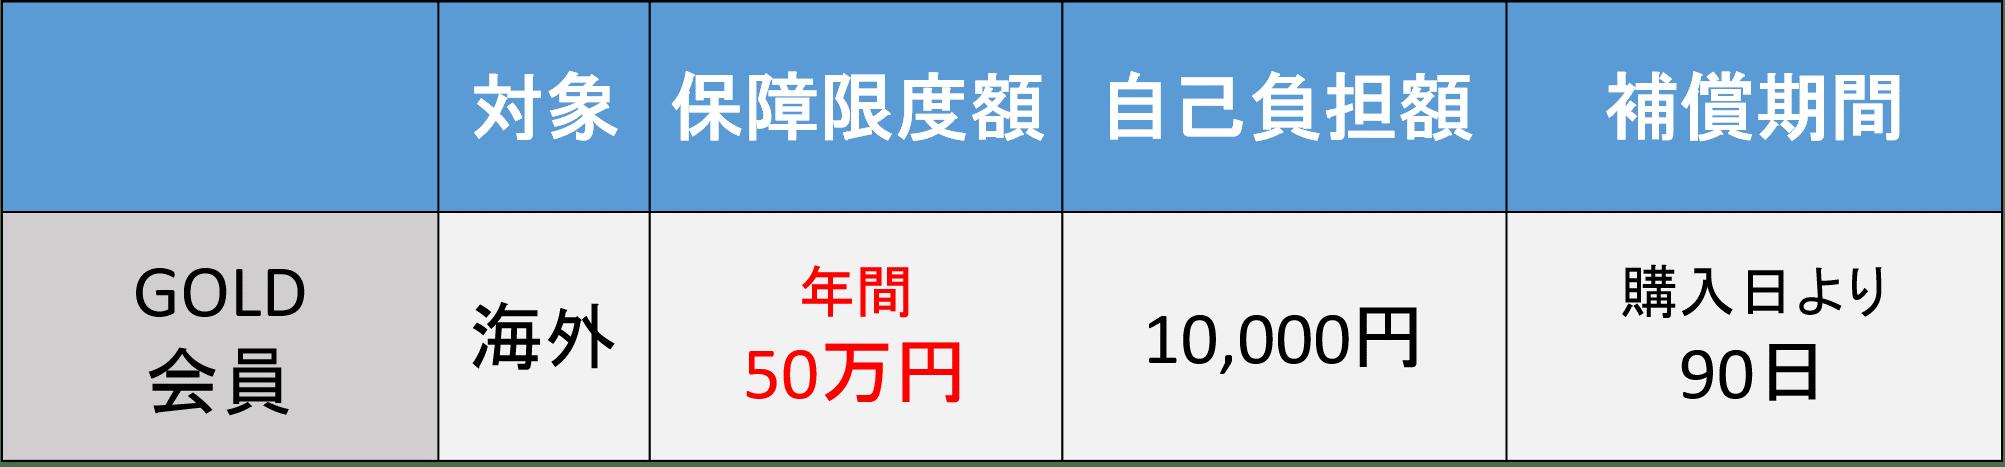 ミライノ カードゴールド 保険5